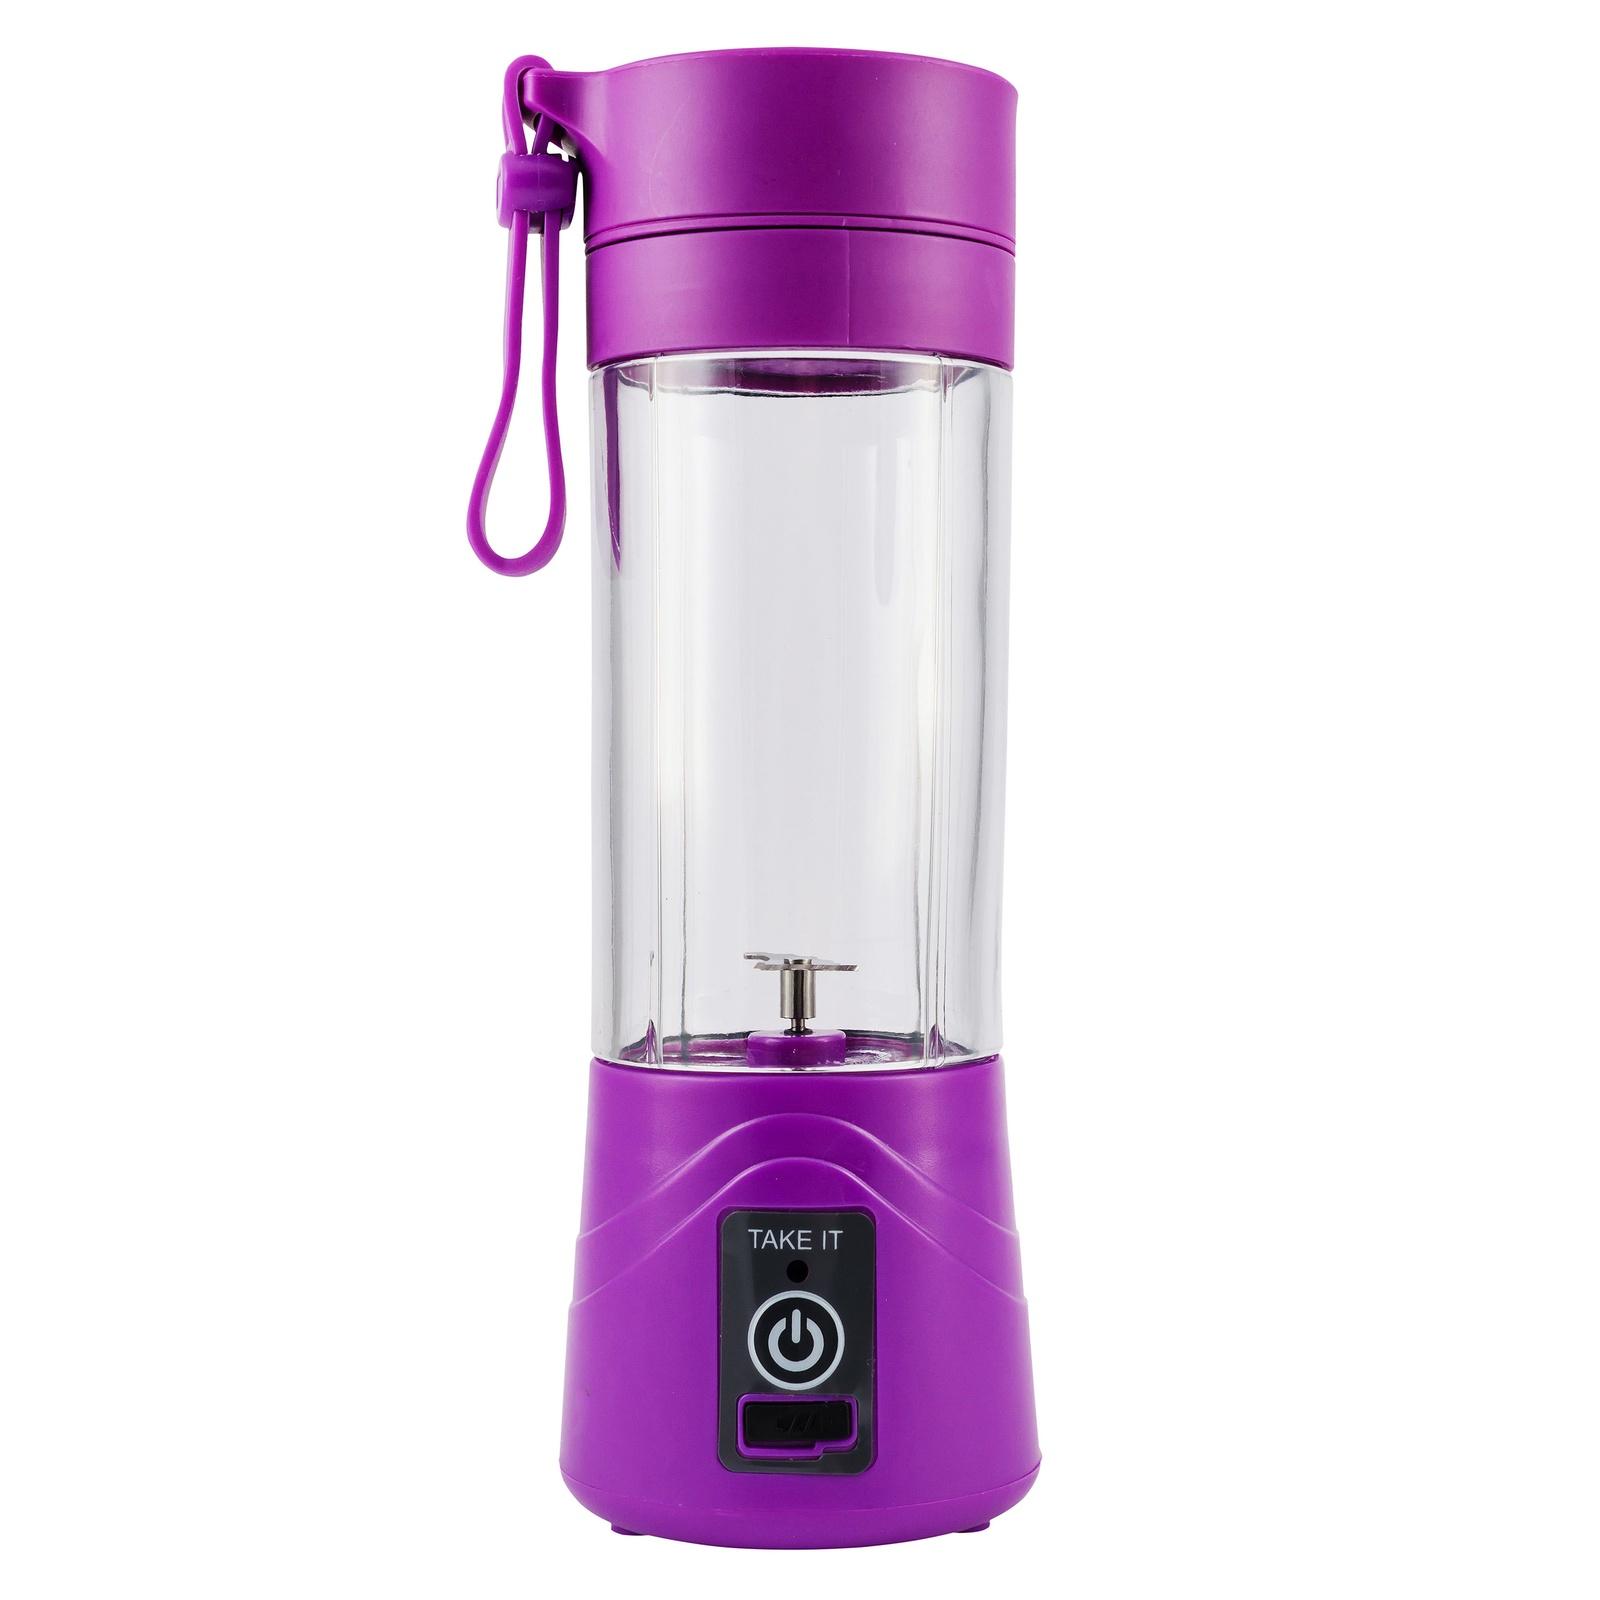 Блендер для смузи портативный на аккумуляторе Take IT X2, цвет: фиолетовый